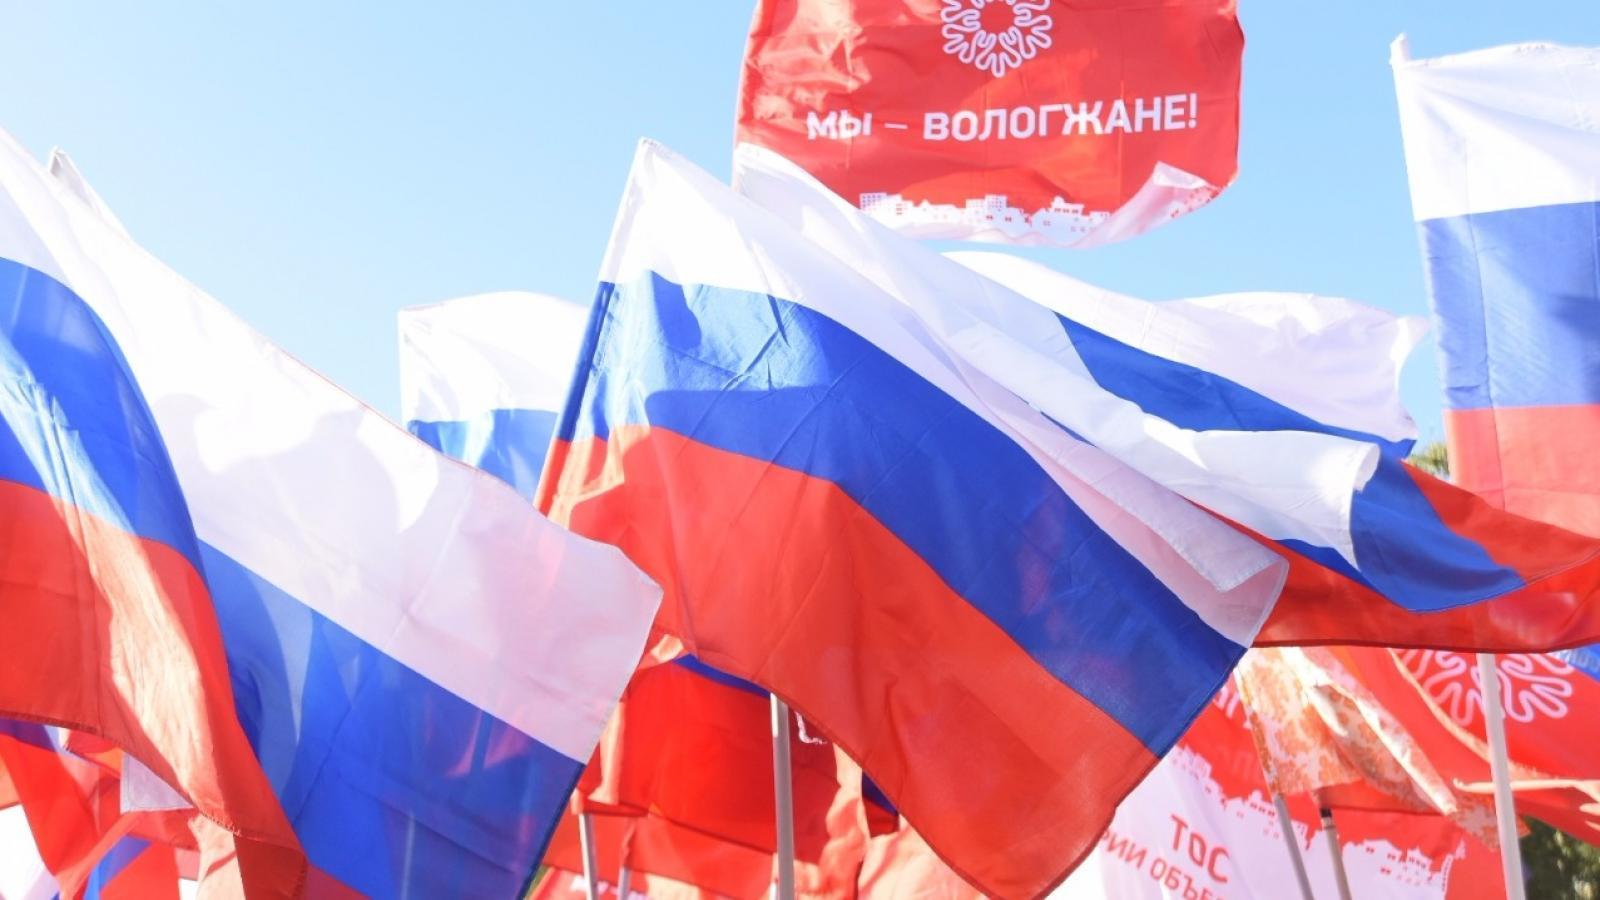 4 ноября на площади Революции состоится народный праздник